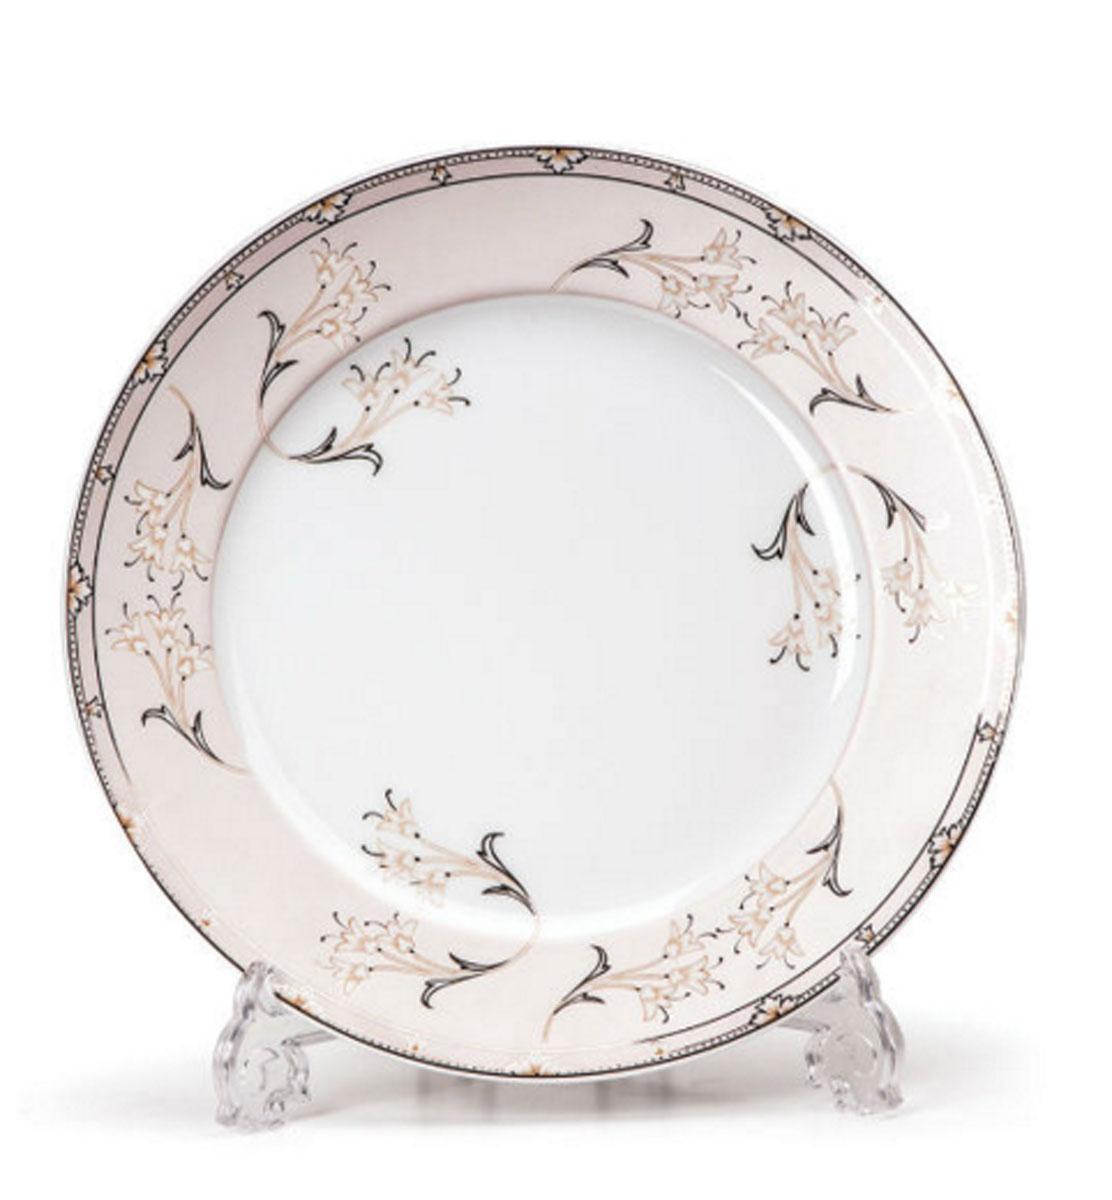 Набор десертных тарелок La Rose des Sables Isis, диаметр 19 см, 6 шт54 009312Набор La Rose des Sables Isis состоит из шести десертных тарелок, выполненных из высококачественного фарфора. Изделия декорированы оригинальным принтом. Тарелки имеют круглую форму.Такой набор изящно украсит сервировку стола и порадует вас изящным дизайном. Диаметр (по верхнему краю): 19 см.